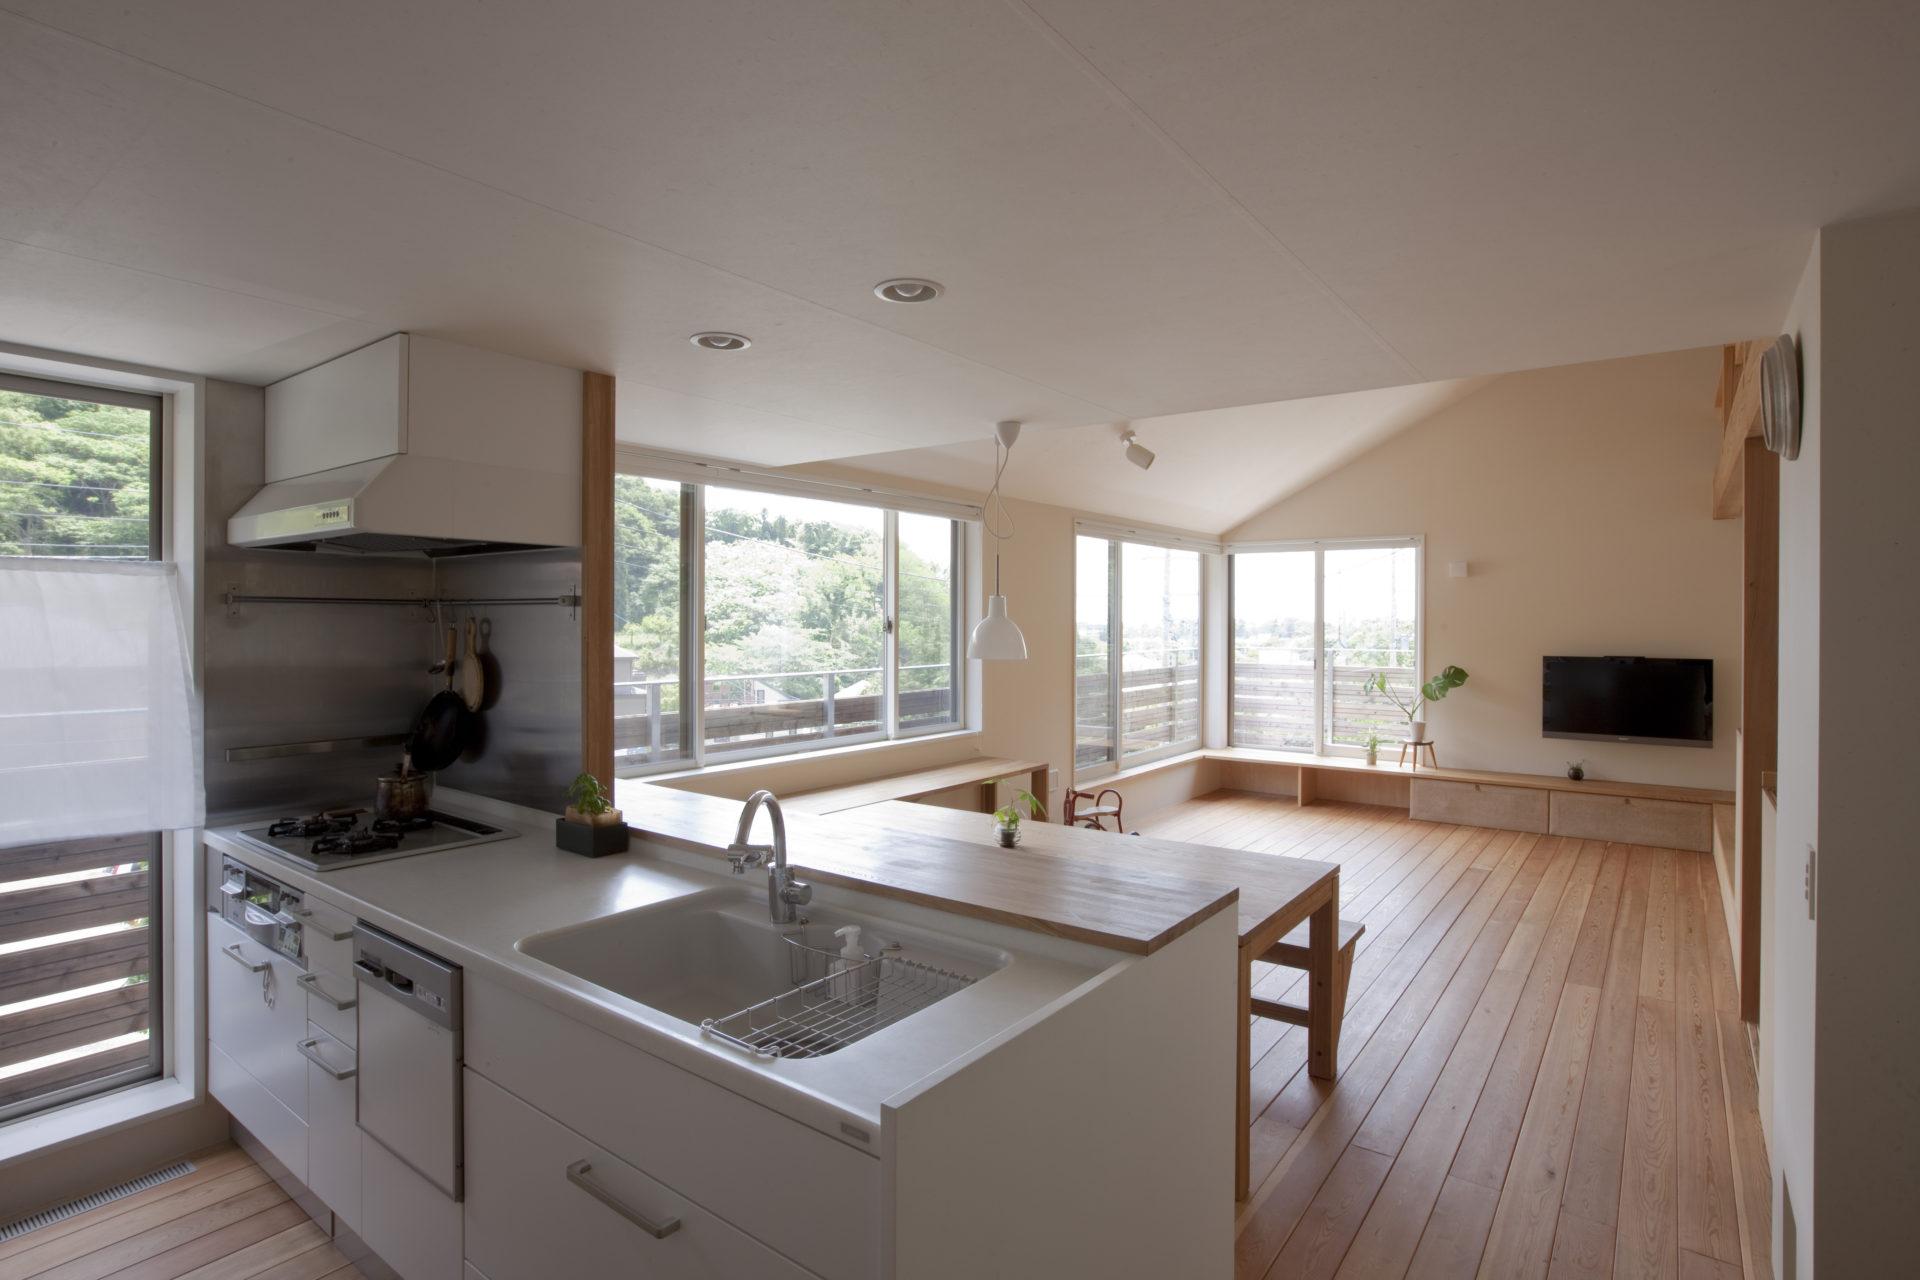 大磯の家 キッチン/Mアトリエ